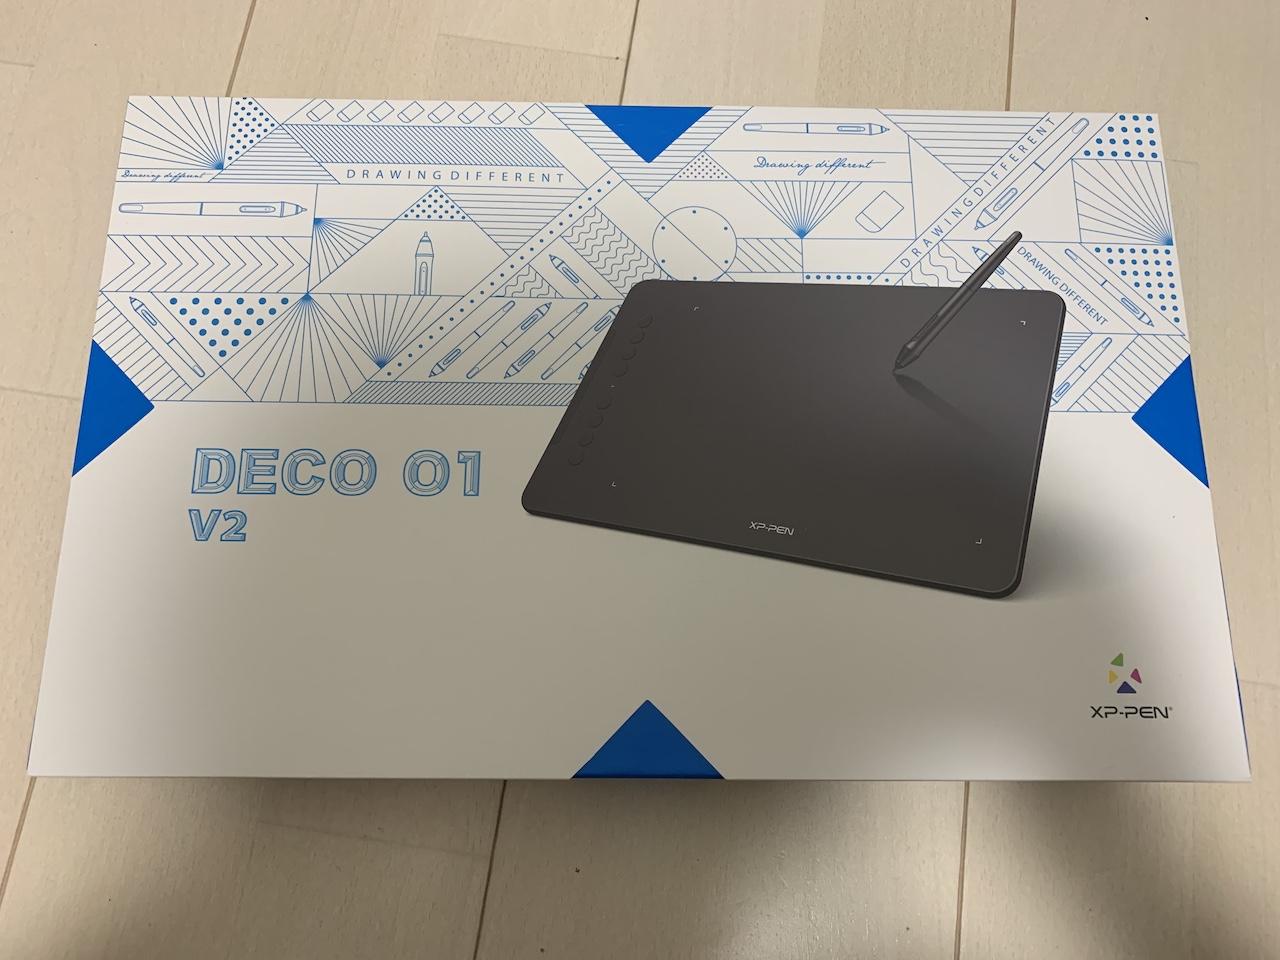 XP-Pen Deco 01 v2のパッケージ